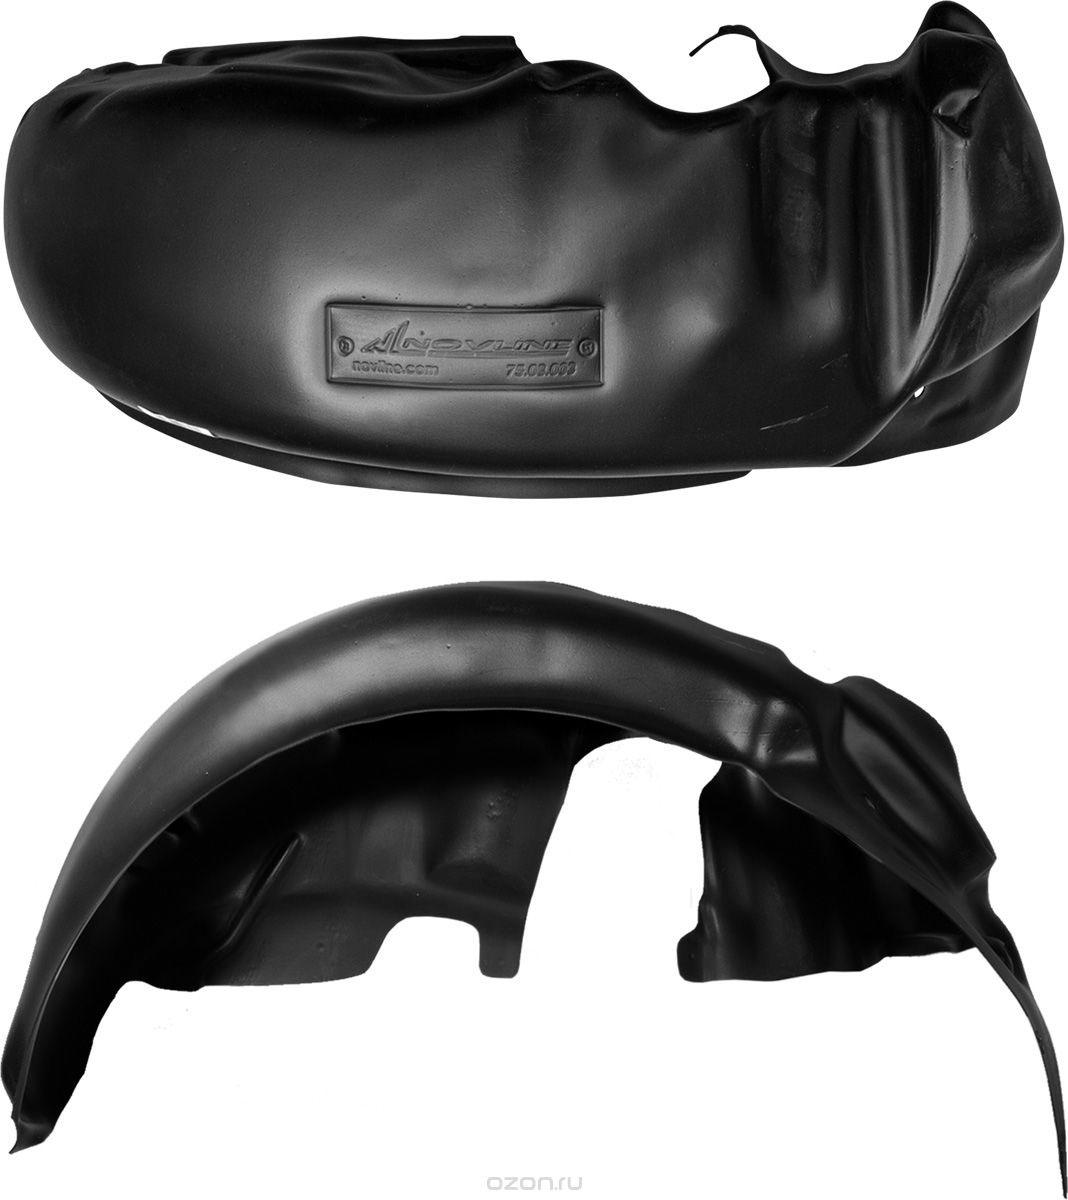 Подкрылок Novline-Autofamily, для КIА Rio, 04/2015->, хб., задний левыйSVC-300Идеальная защита колесной ниши. Локеры разработаны с применением цифровых технологий, гарантируют максимальную повторяемость поверхности арки. Изделия устанавливаются без нарушения лакокрасочного покрытия автомобиля, каждый подкрылок комплектуется крепежом. Уважаемые клиенты, обращаем ваше внимание, что фотографии на подкрылки универсальные и не отражают реальную форму изделия. При этом само изделие идет точно под размер указанного автомобиля.